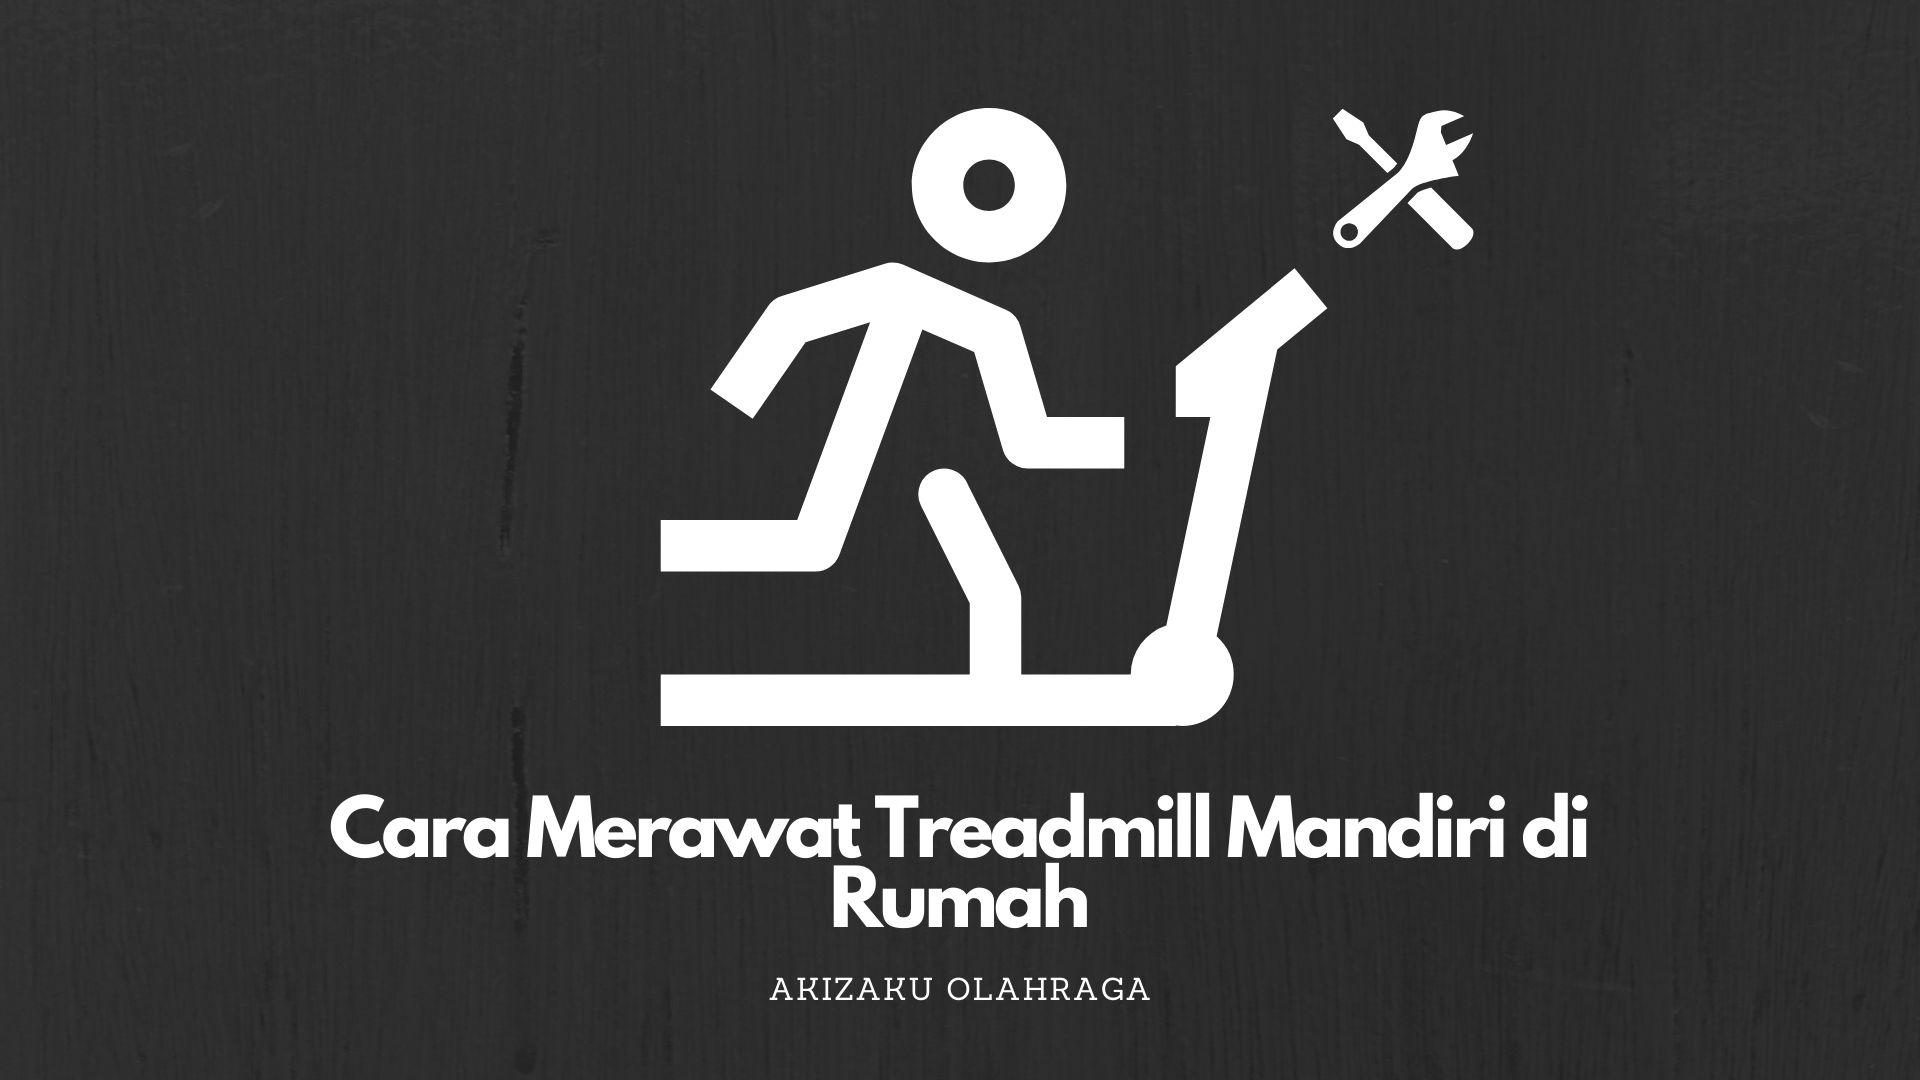 [Image: Cara-Merawat-Treadmill-Mandiri-di-Rumah.jpg]